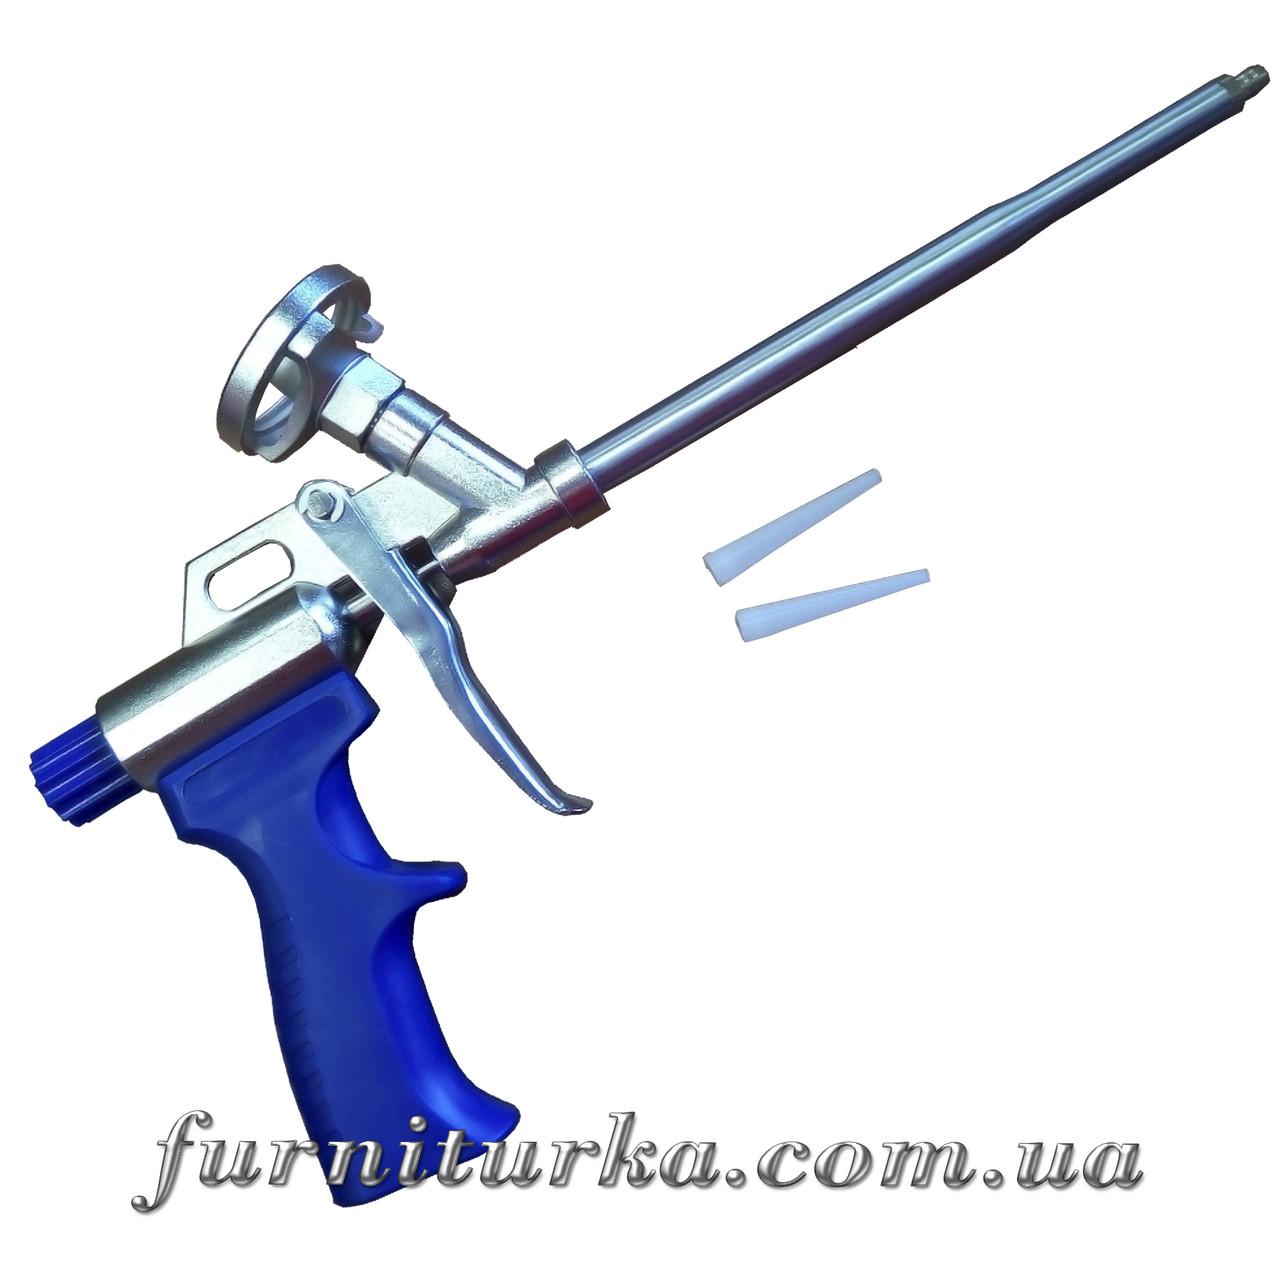 Пистолет TYTAN для профессиональной пены